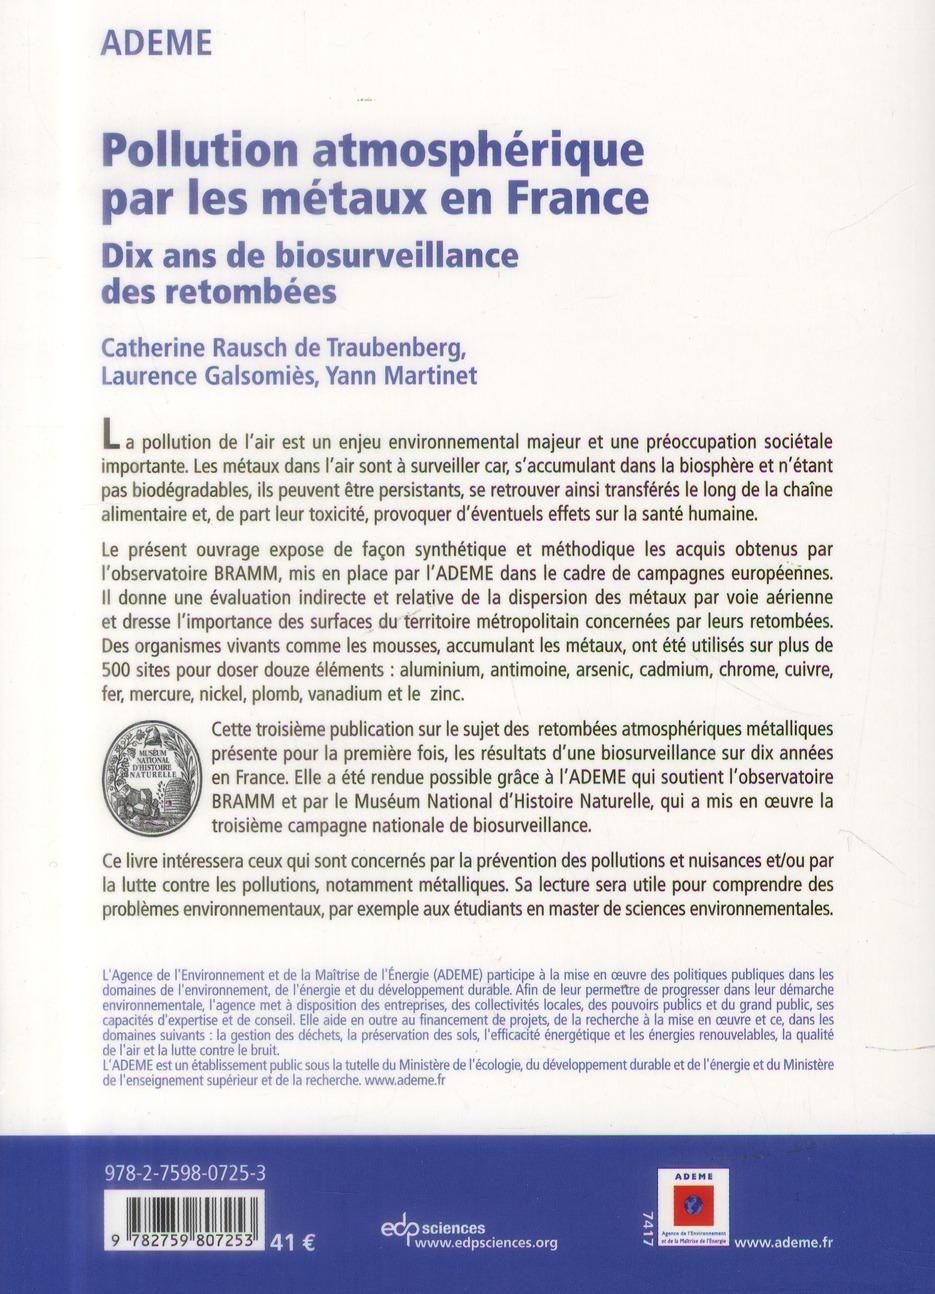 Pollution atmosphérique par les métaux en France ; biosurveillance des retombées